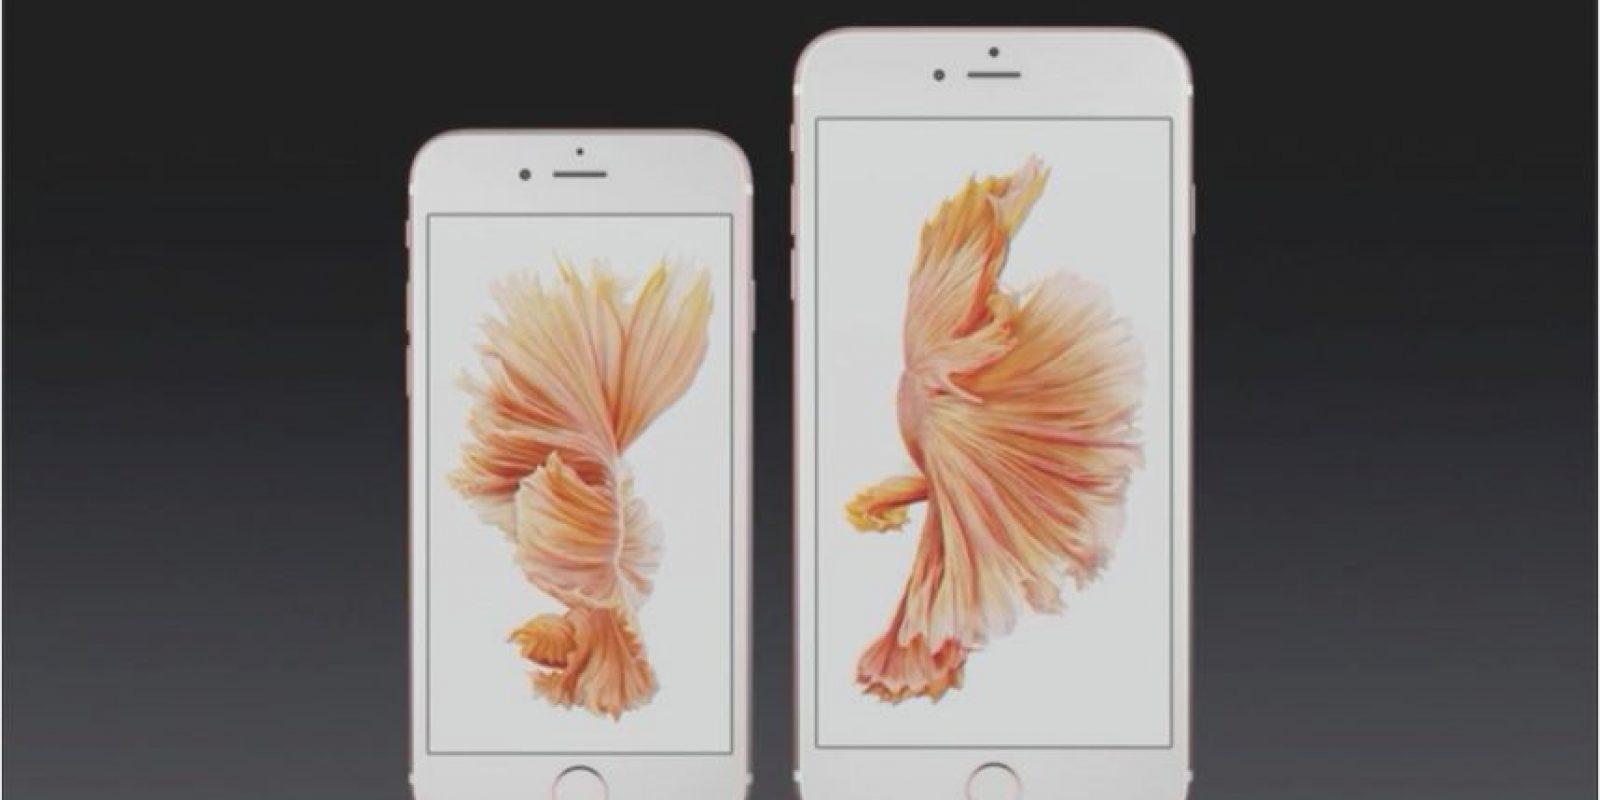 Para quienes desean un smartphone que pueda caber perfectamente en su bolsillo está el iPhone de 6s de 4.7 pulgadas, pero si lo quieren para leer documentos, ver películas o jugar cómodamente está el iPhone 6s Plus de 5.5 pulgadas. Foto:Apple